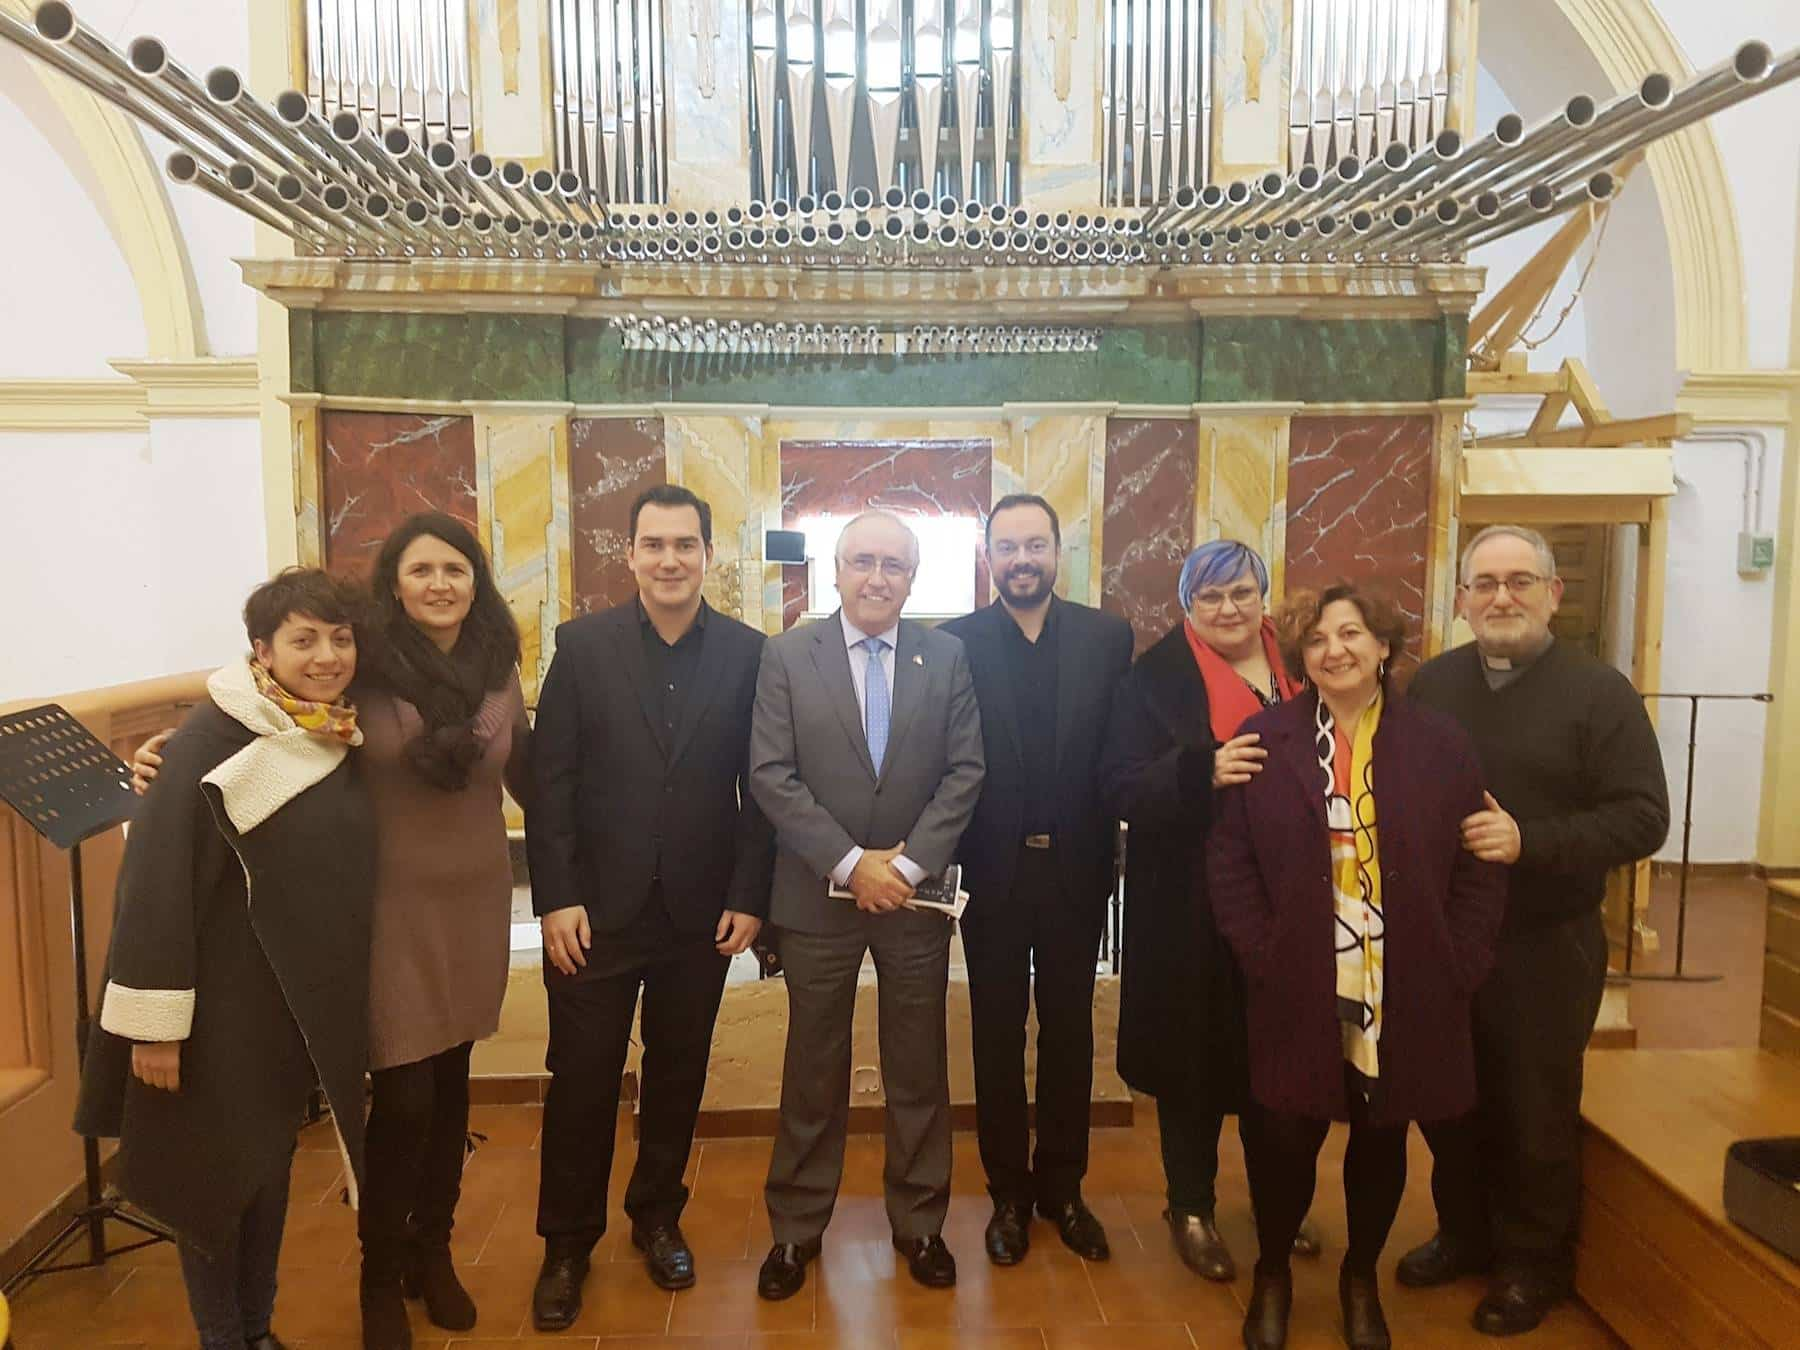 Herencia acogió uno de los conciertos de la IV Ruta de los Órganos Históricos de Castilla-La Mancha que organiza el Gobierno regional